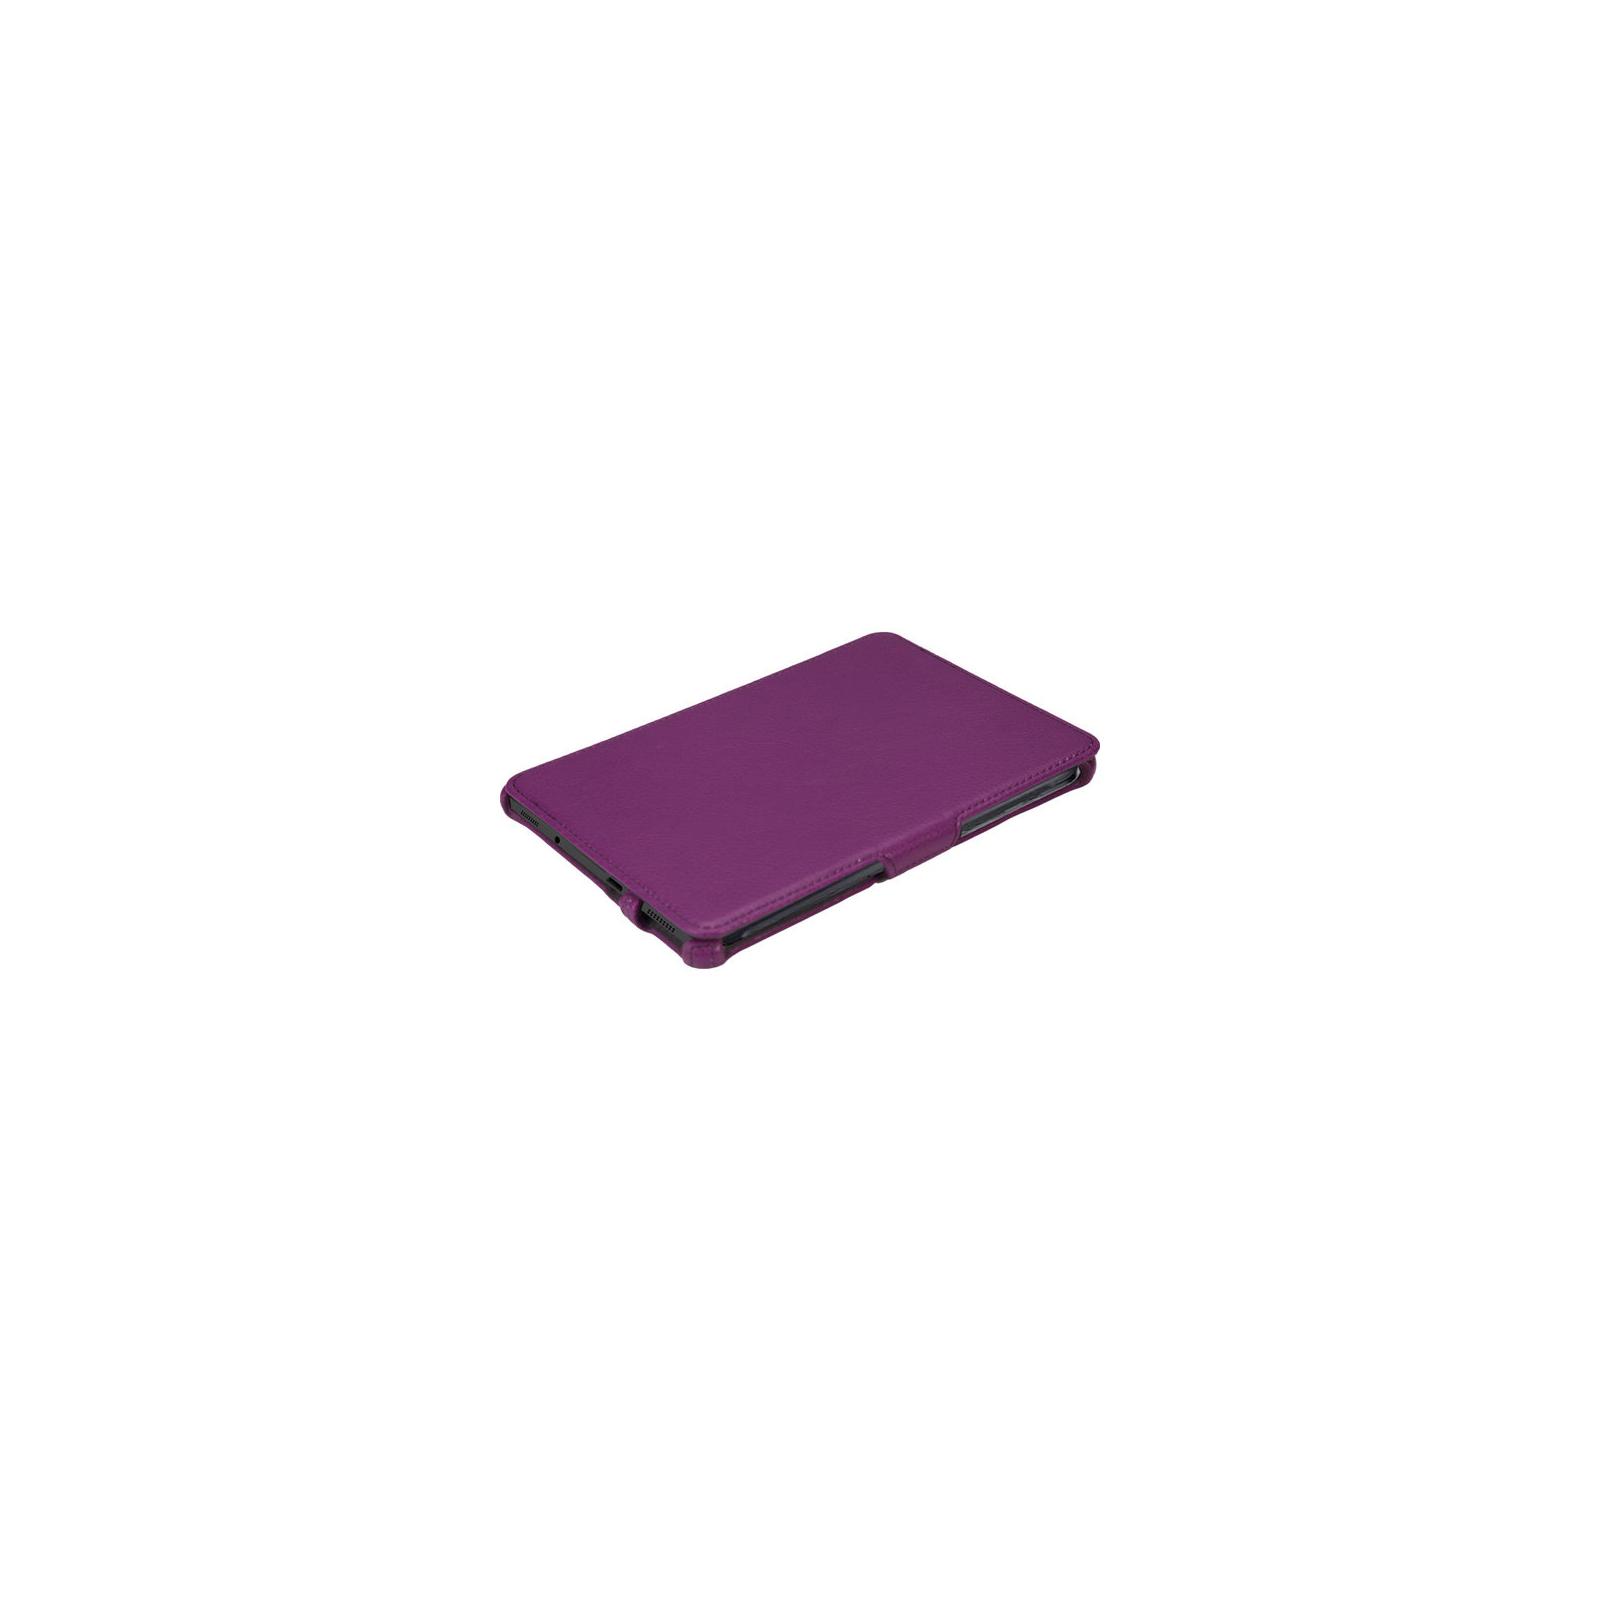 Чехол для планшета AirOn для Samsung Galaxy Tab S 2 8.0 violet (4822352770204) изображение 3